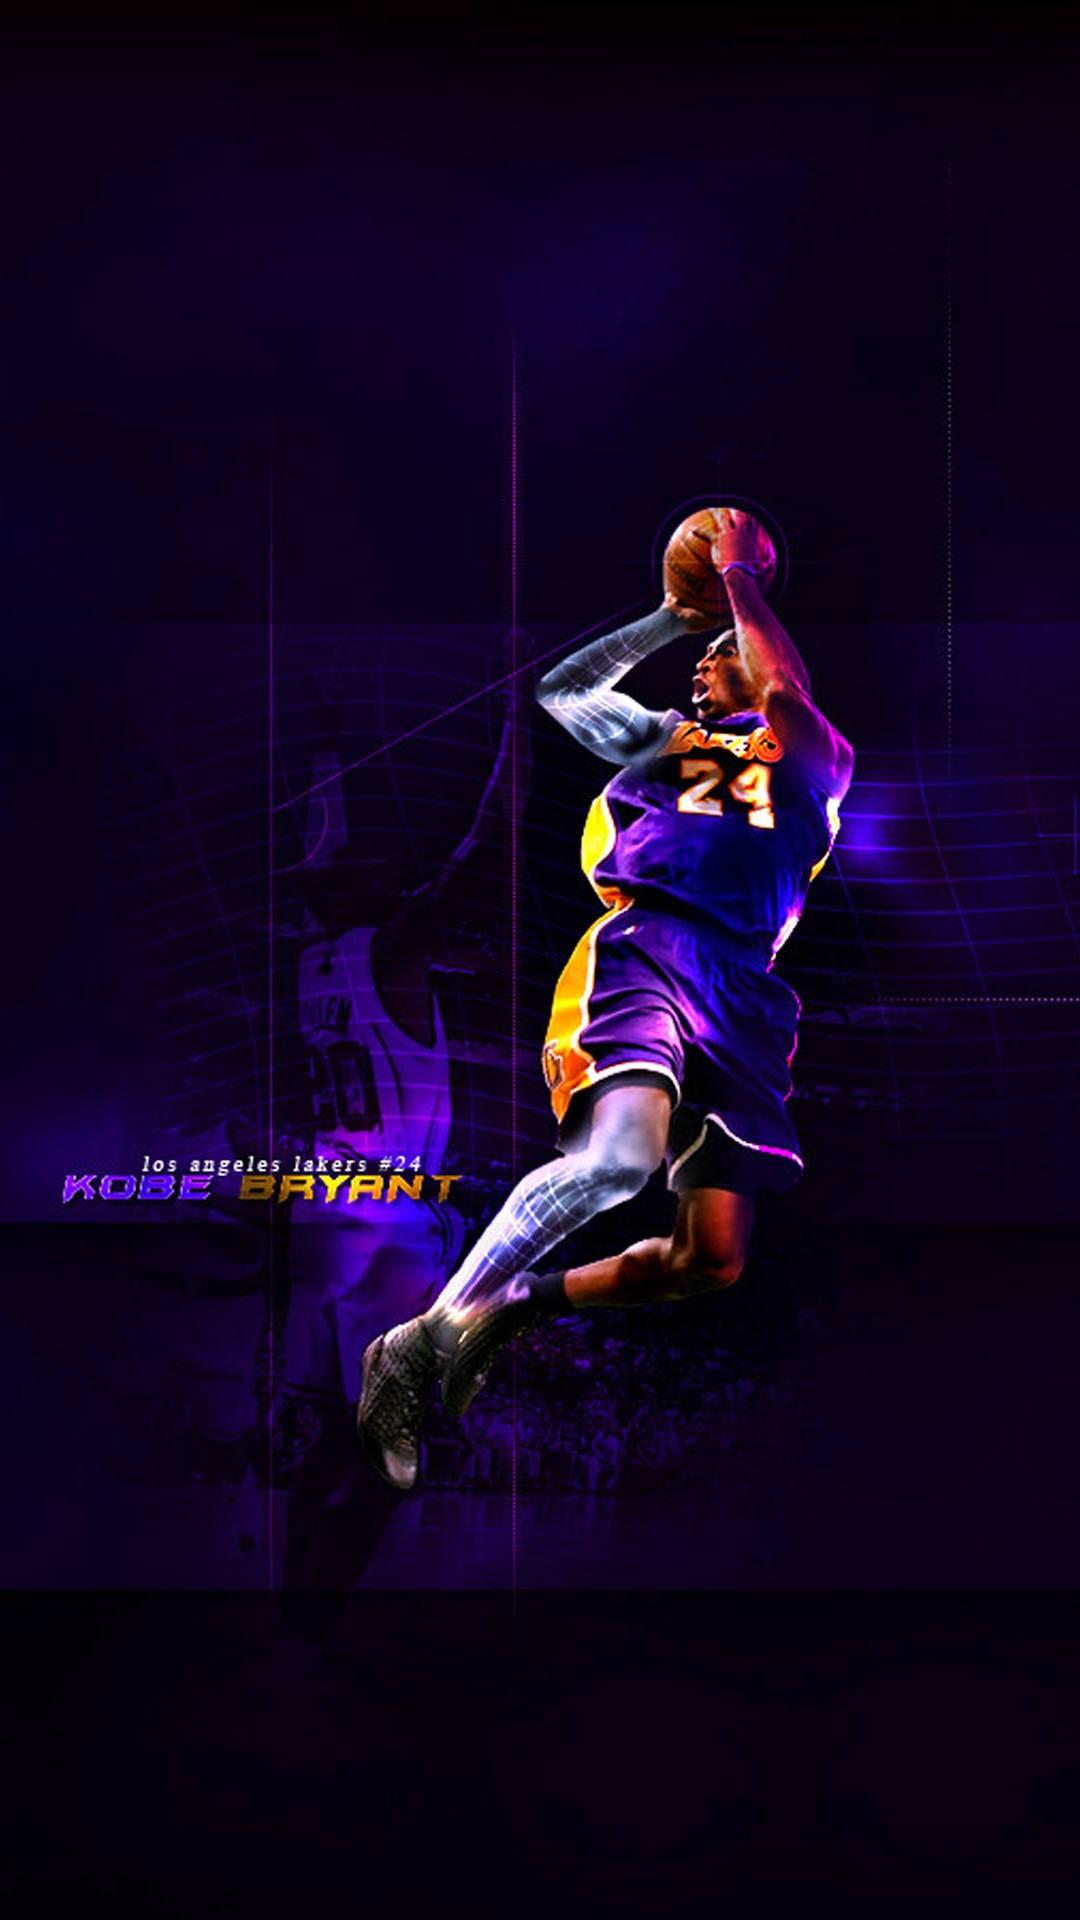 Kobe wallpaper download free cool high resolution - Kobe bryant wallpaper free download ...